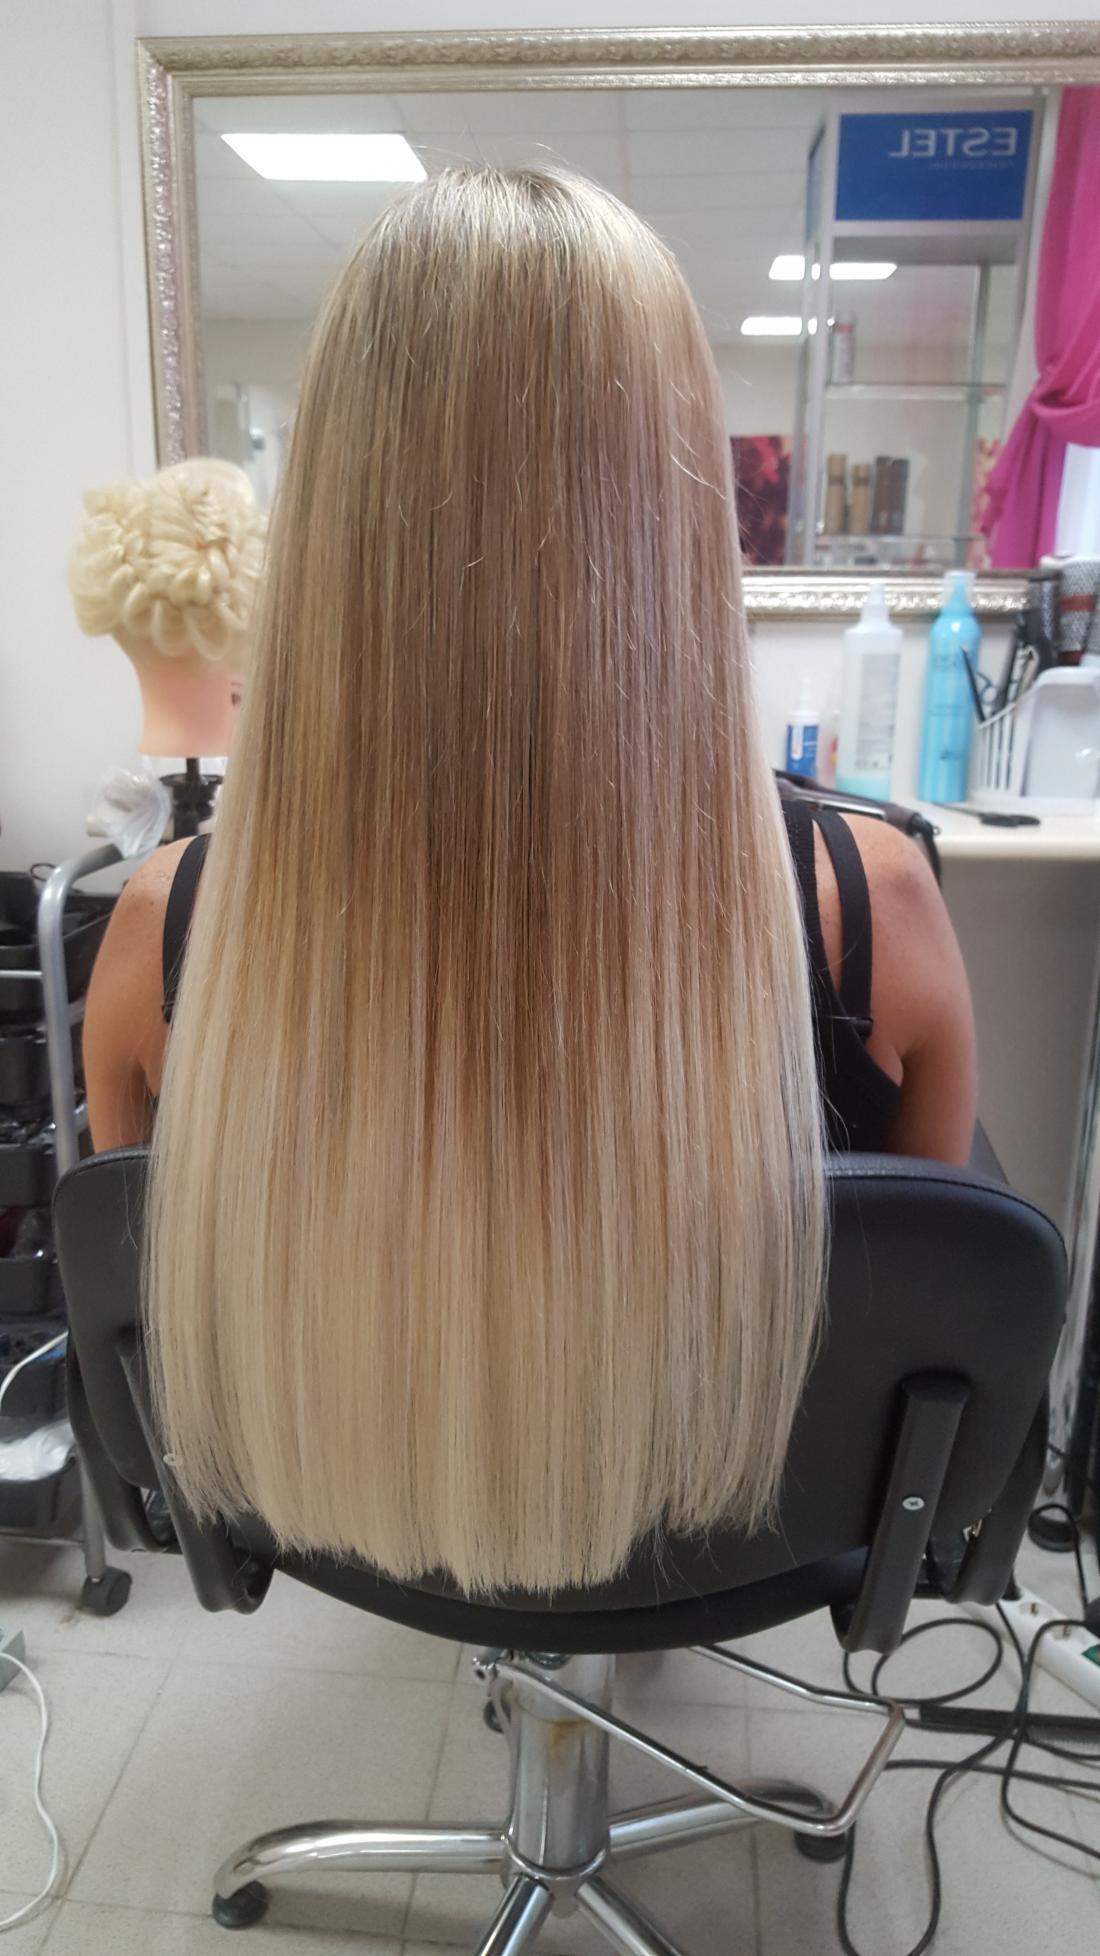 Наращивание волос всего от 3,30 руб./прядь, коррекция и снятие от 0,40 руб./прядь